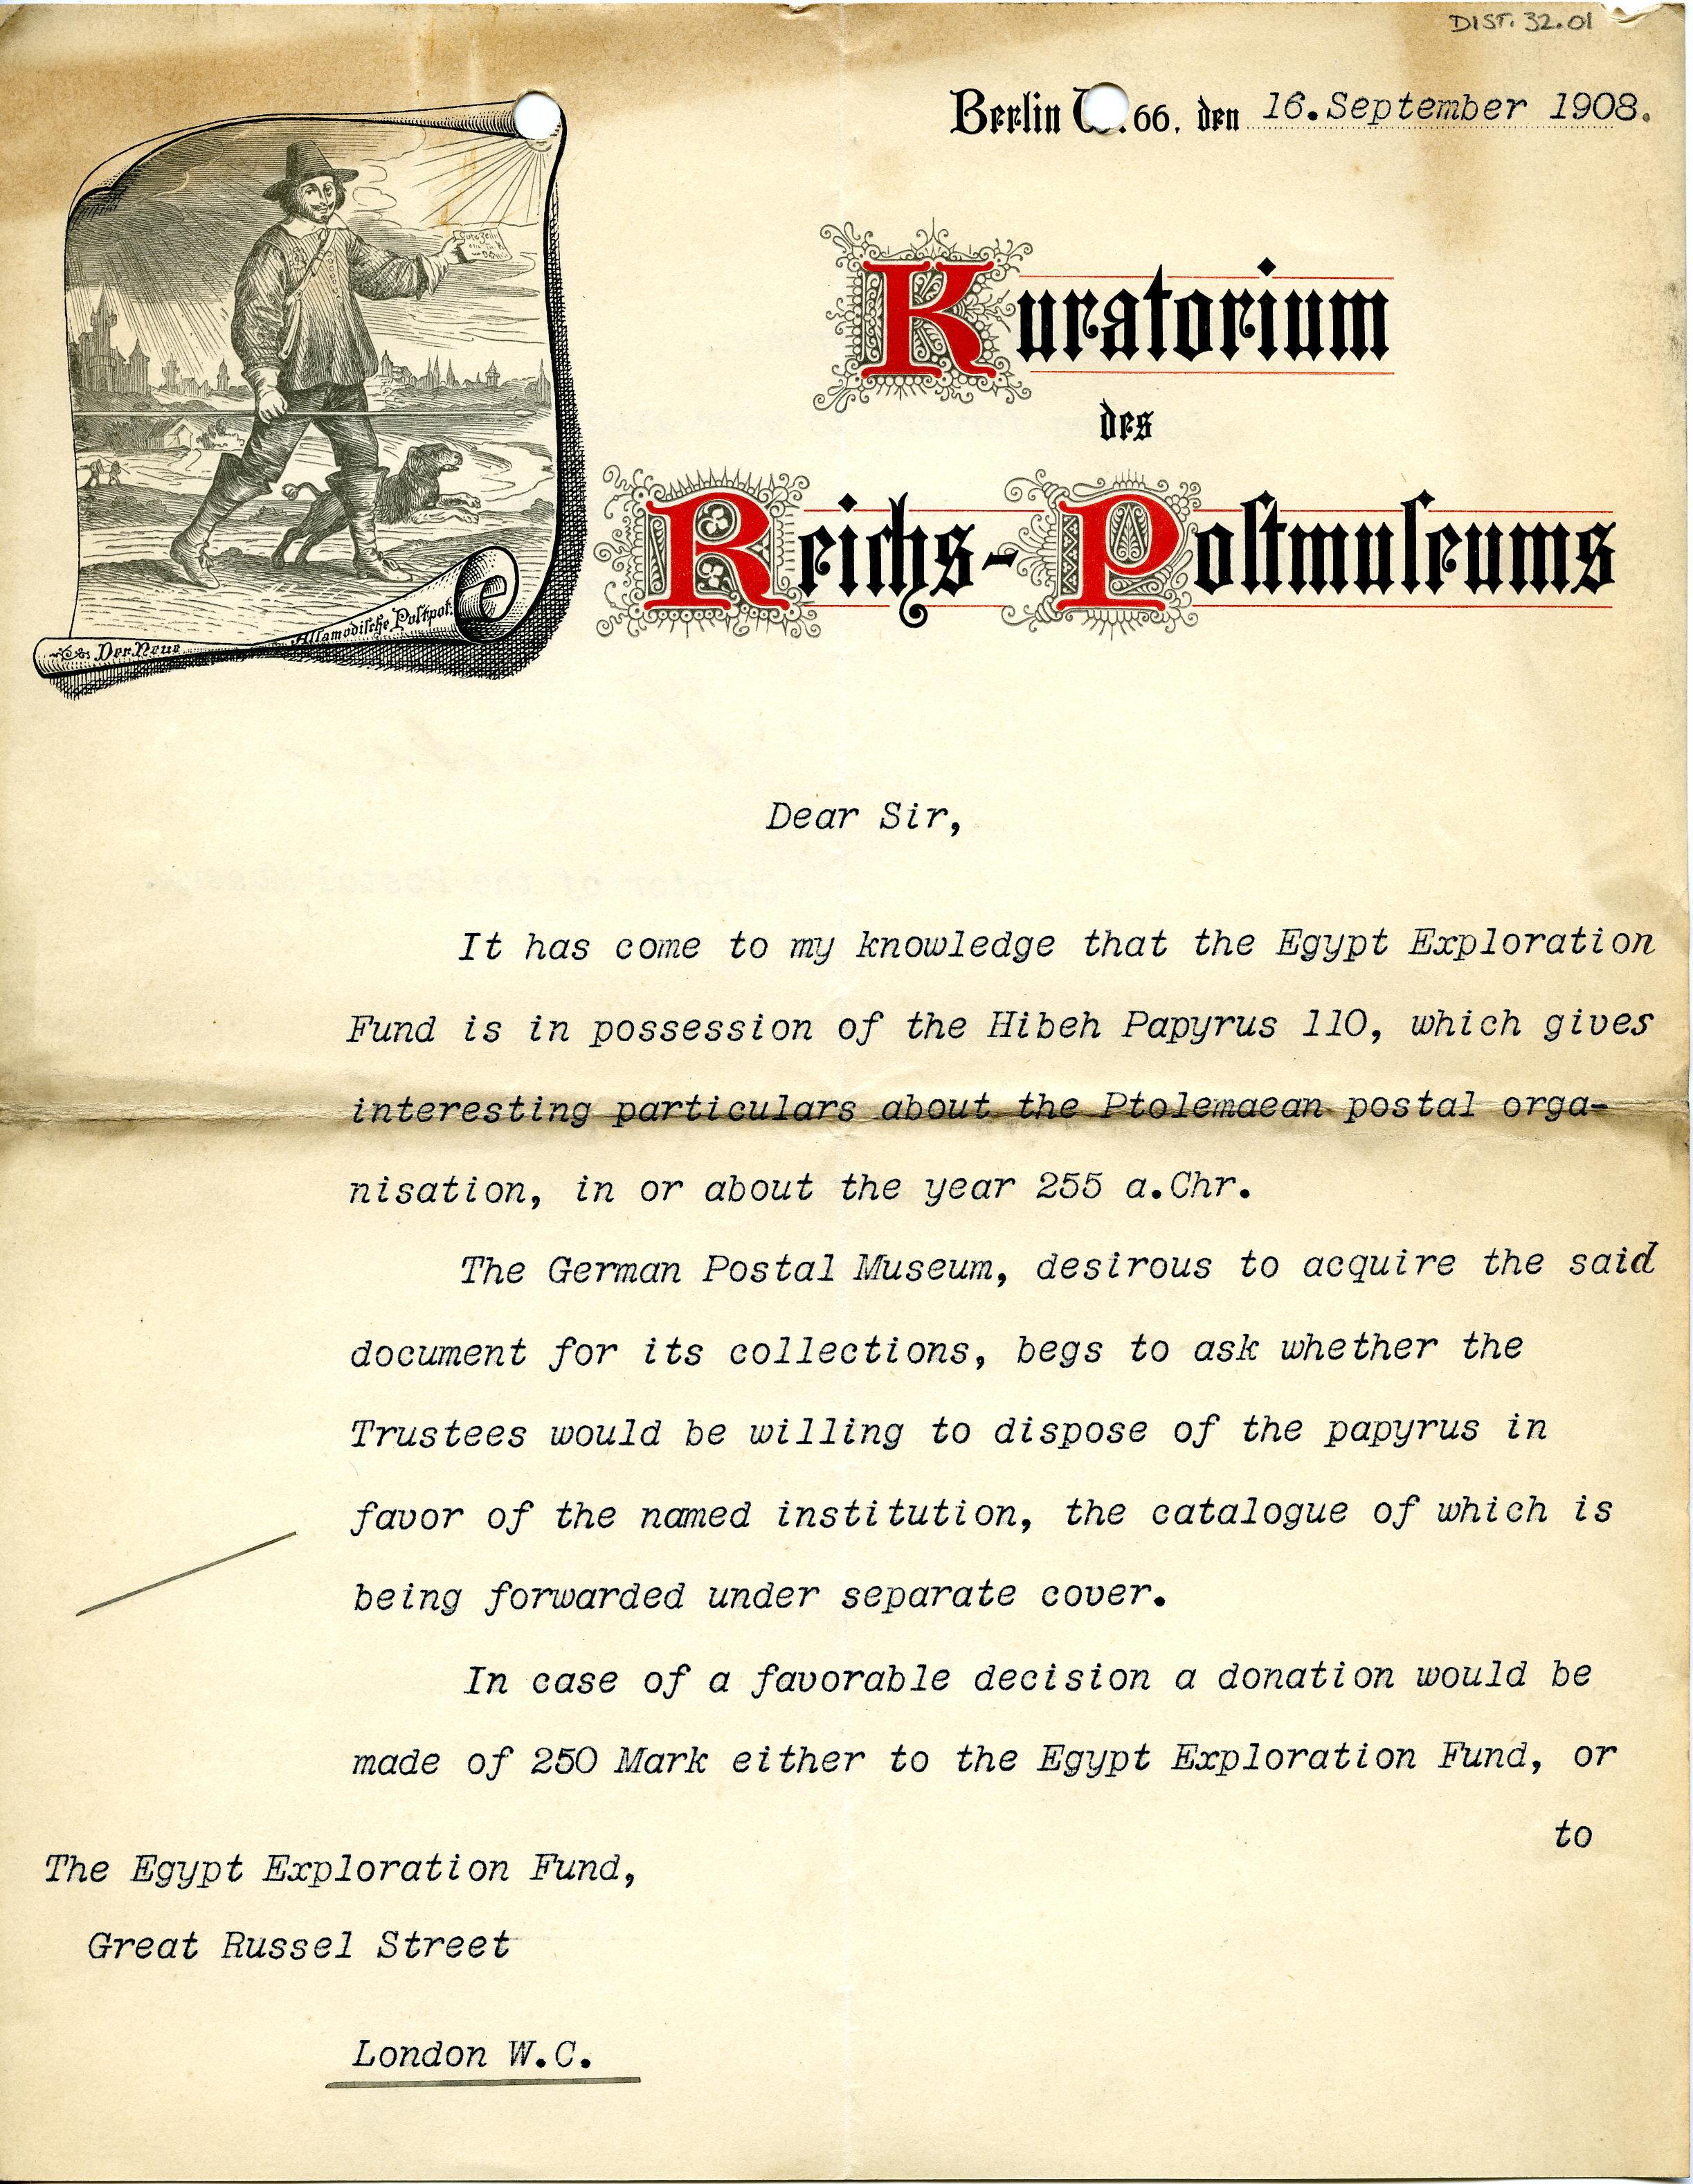 1908-13 Papyri DIST.32.01a